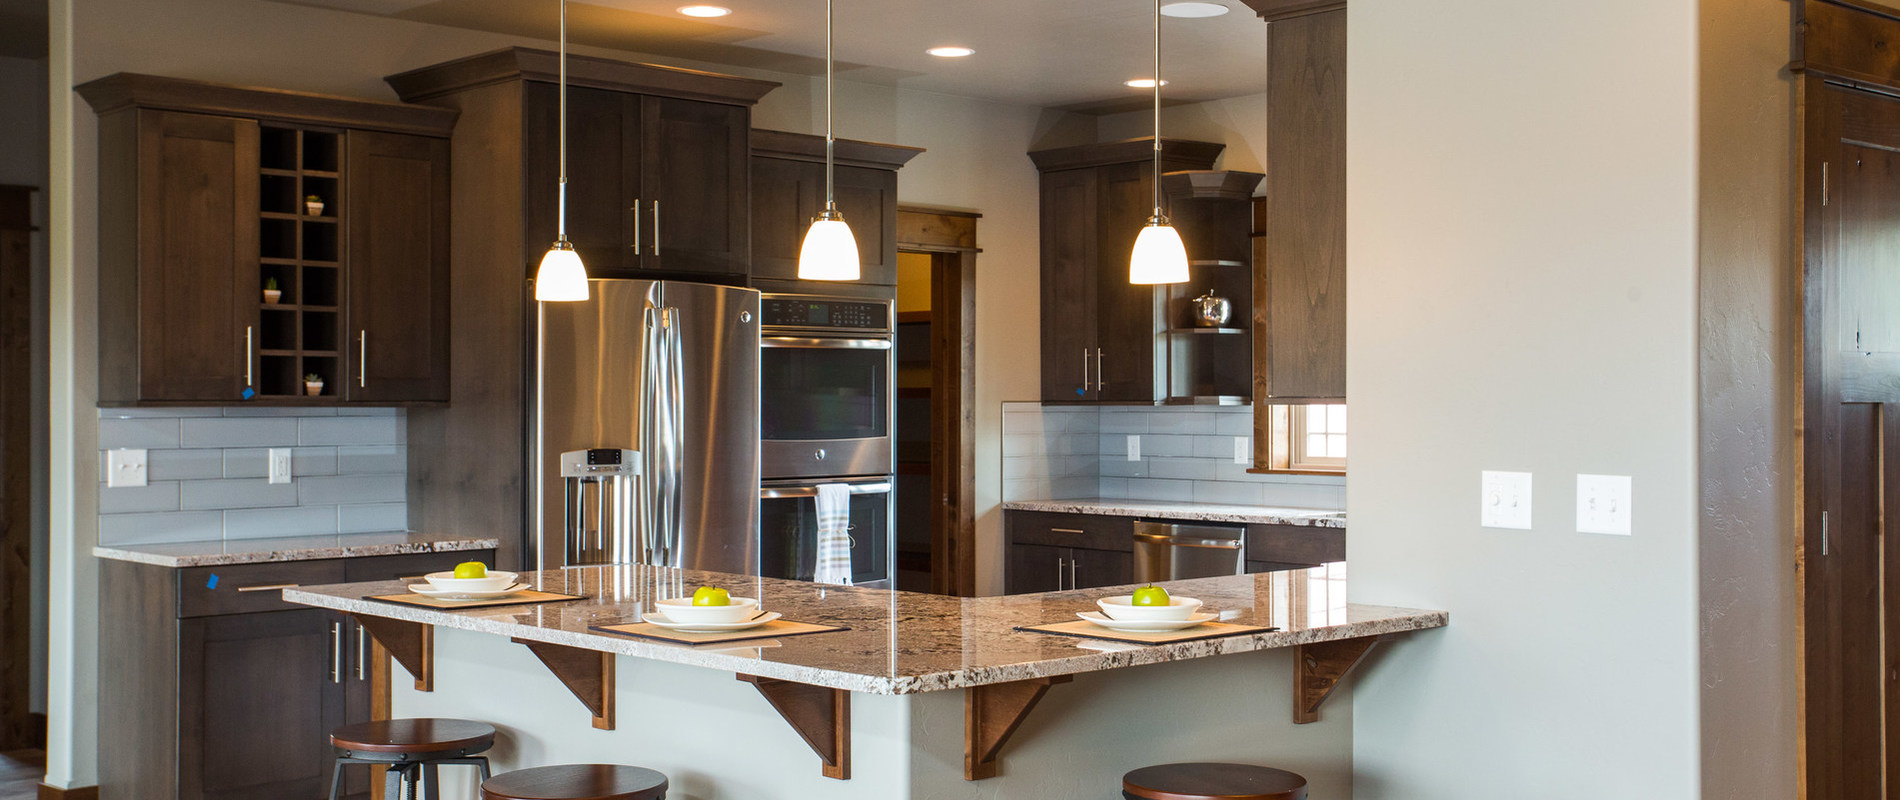 Bozeman Mt Kitchen Cabinets Countertops Accessories Futura Cabinetry Inc